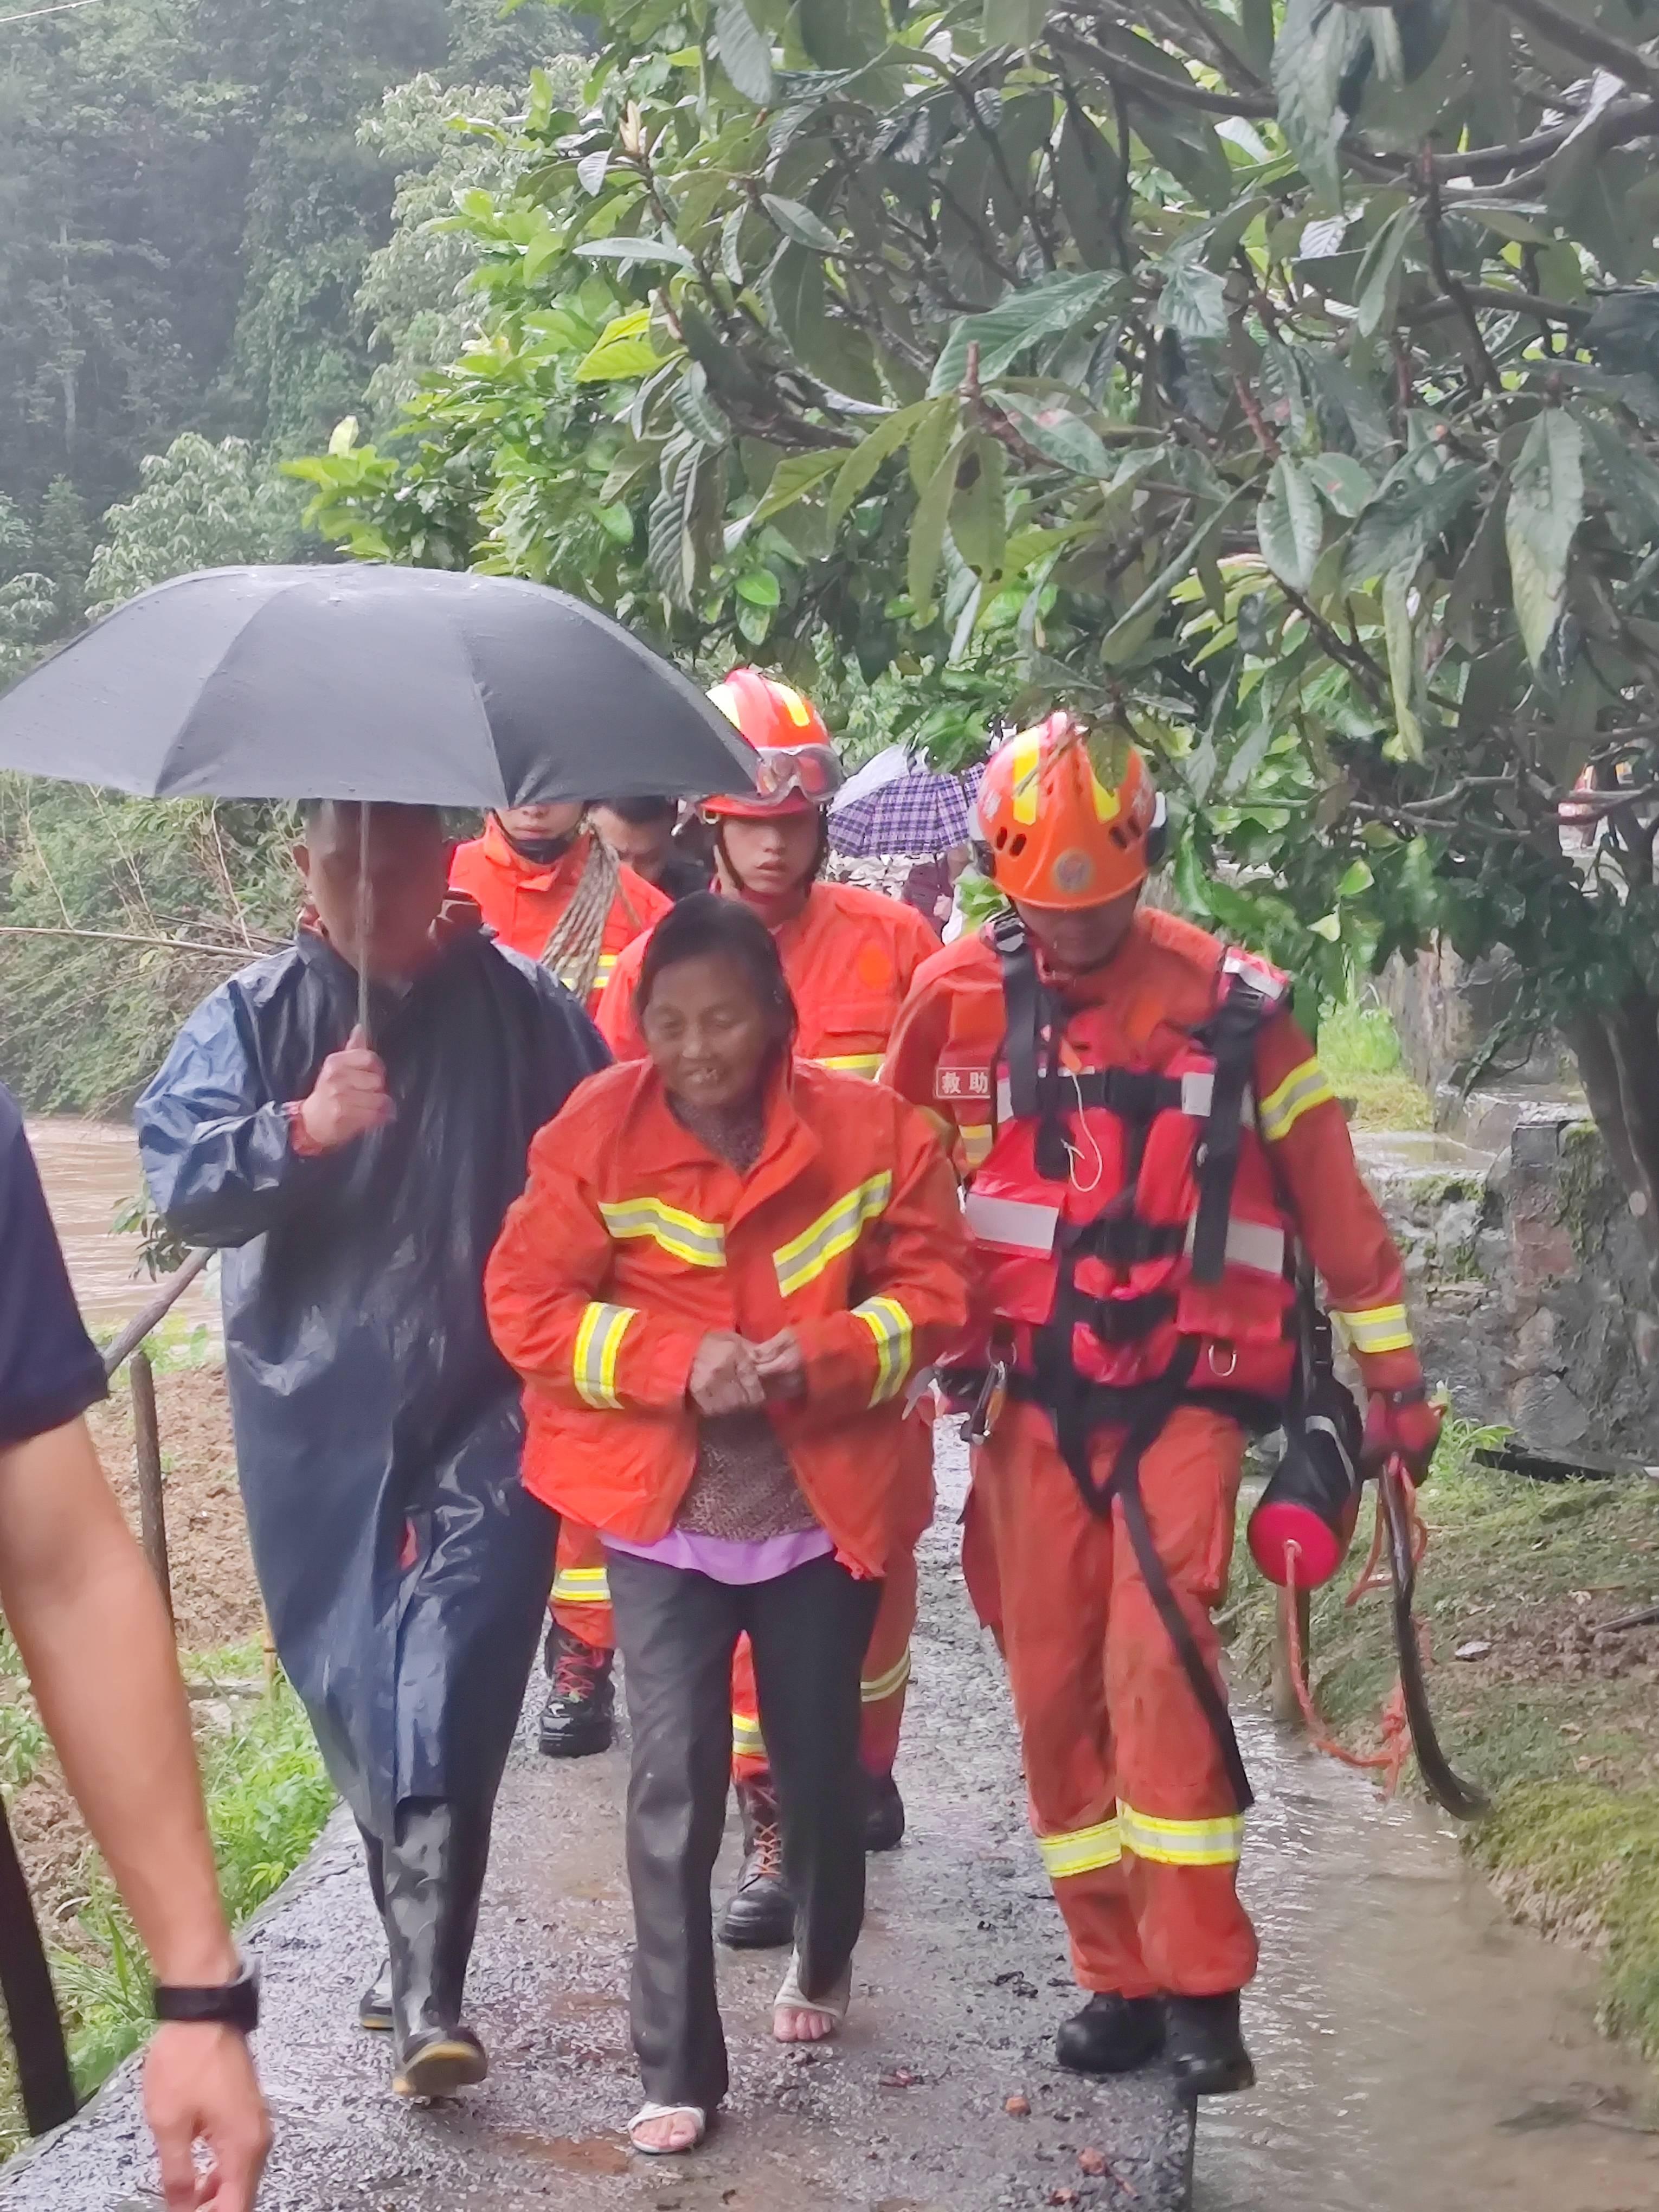 怀化八旬老人被洪水围困,消防员用镰刀开路成功营救bcz